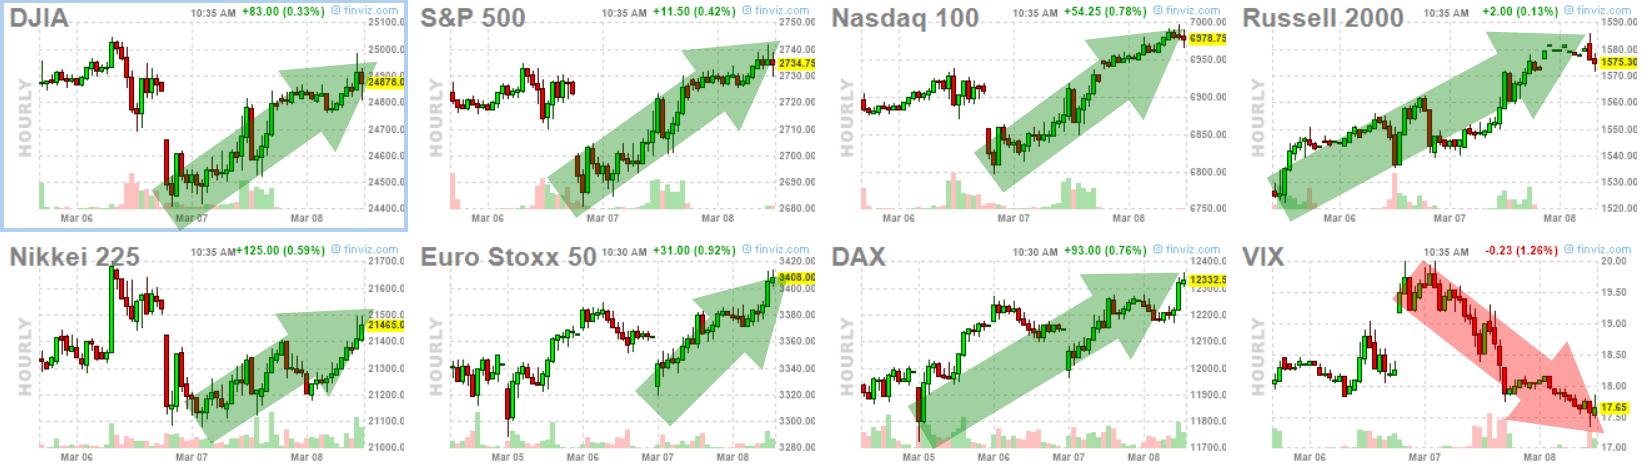 8-marzo-indices% - futuros índices  arriba  volatilidad abajo